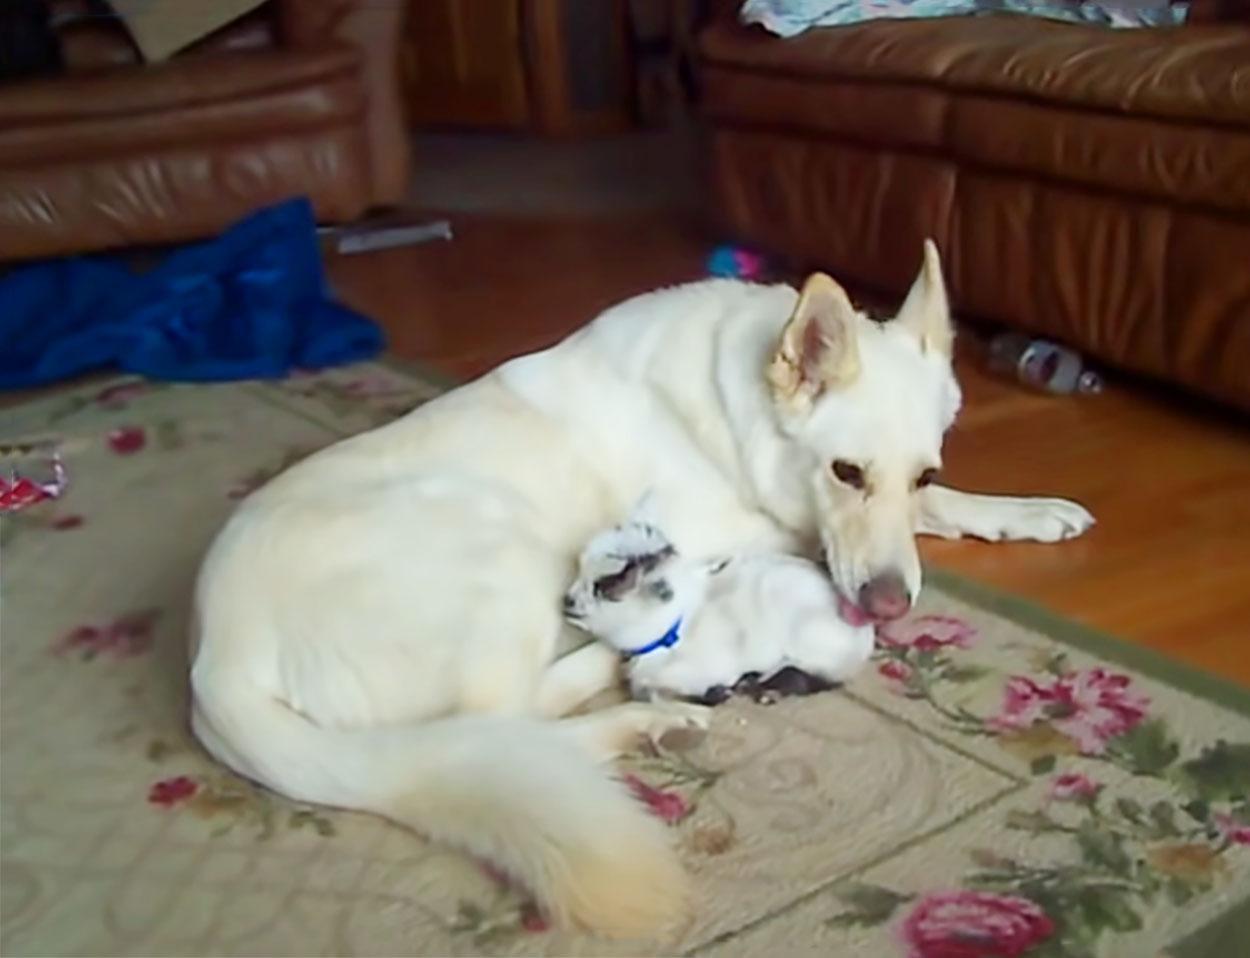 Pastor alemán blanco y cabra pigmea bebé